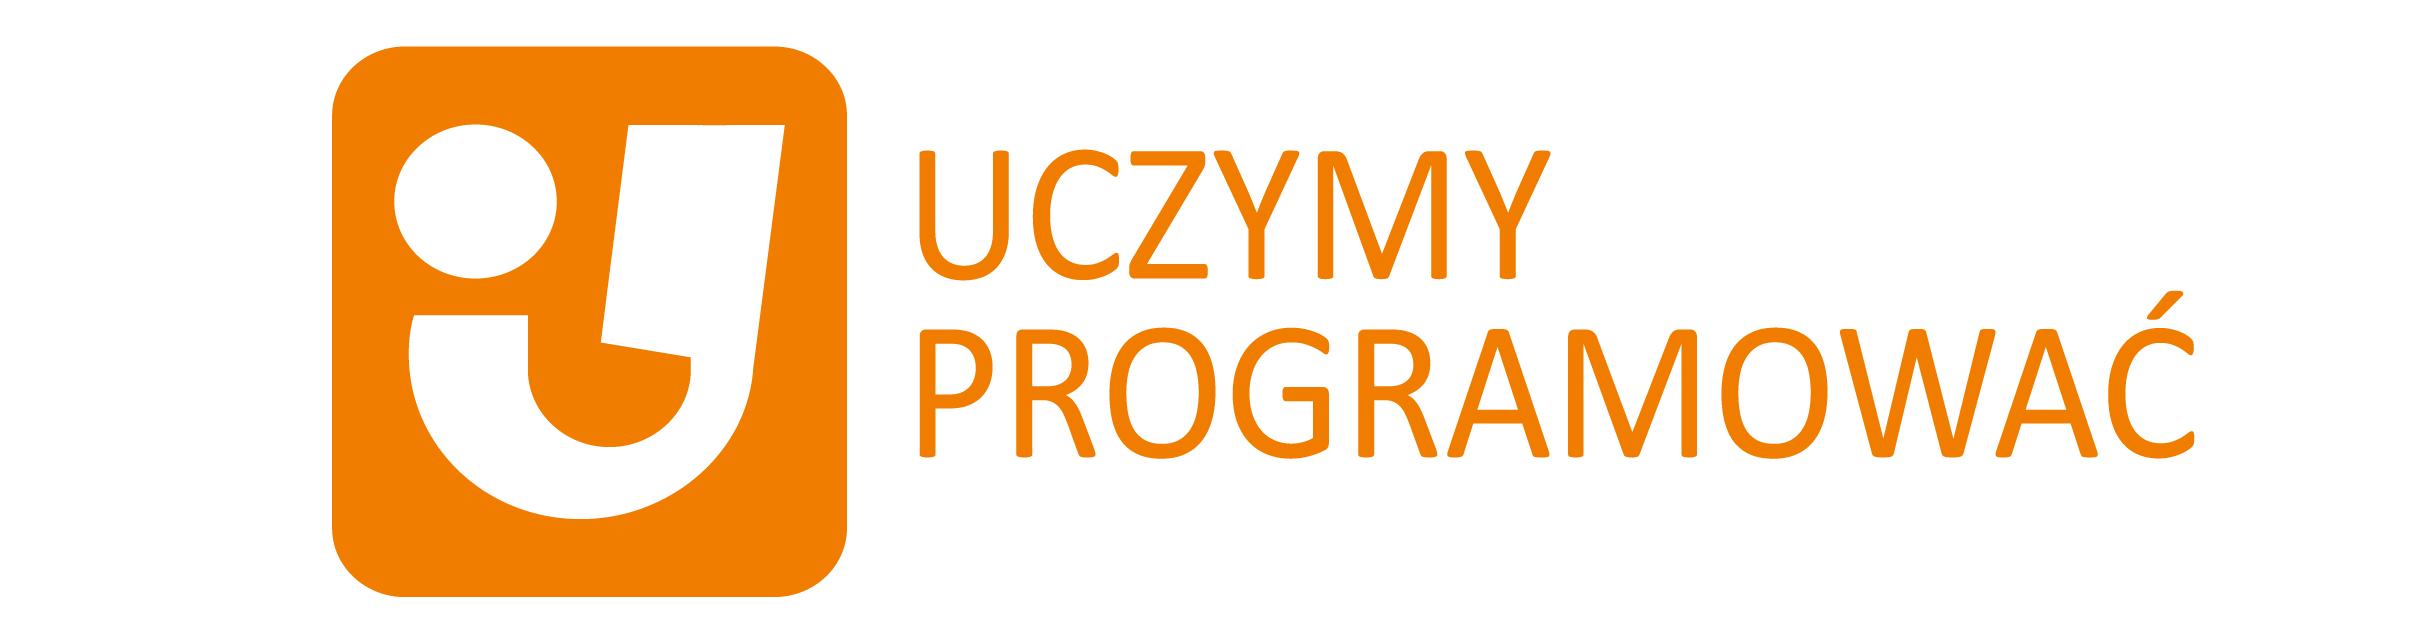 Logo uczymy programować